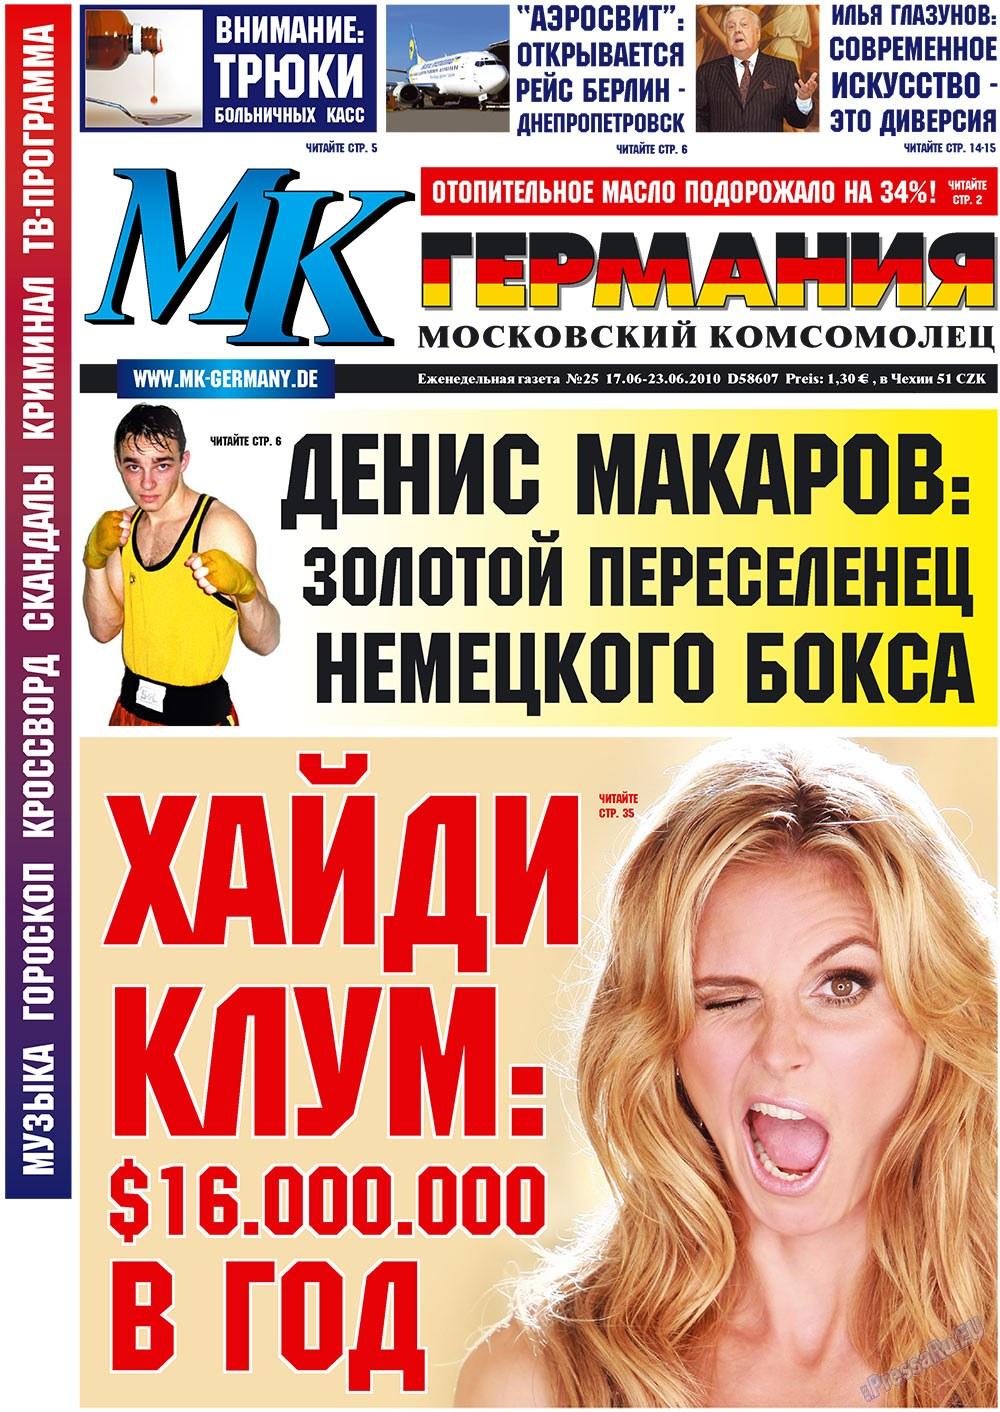 МК-Германия (газета). 2010 год, номер 25, стр. 1